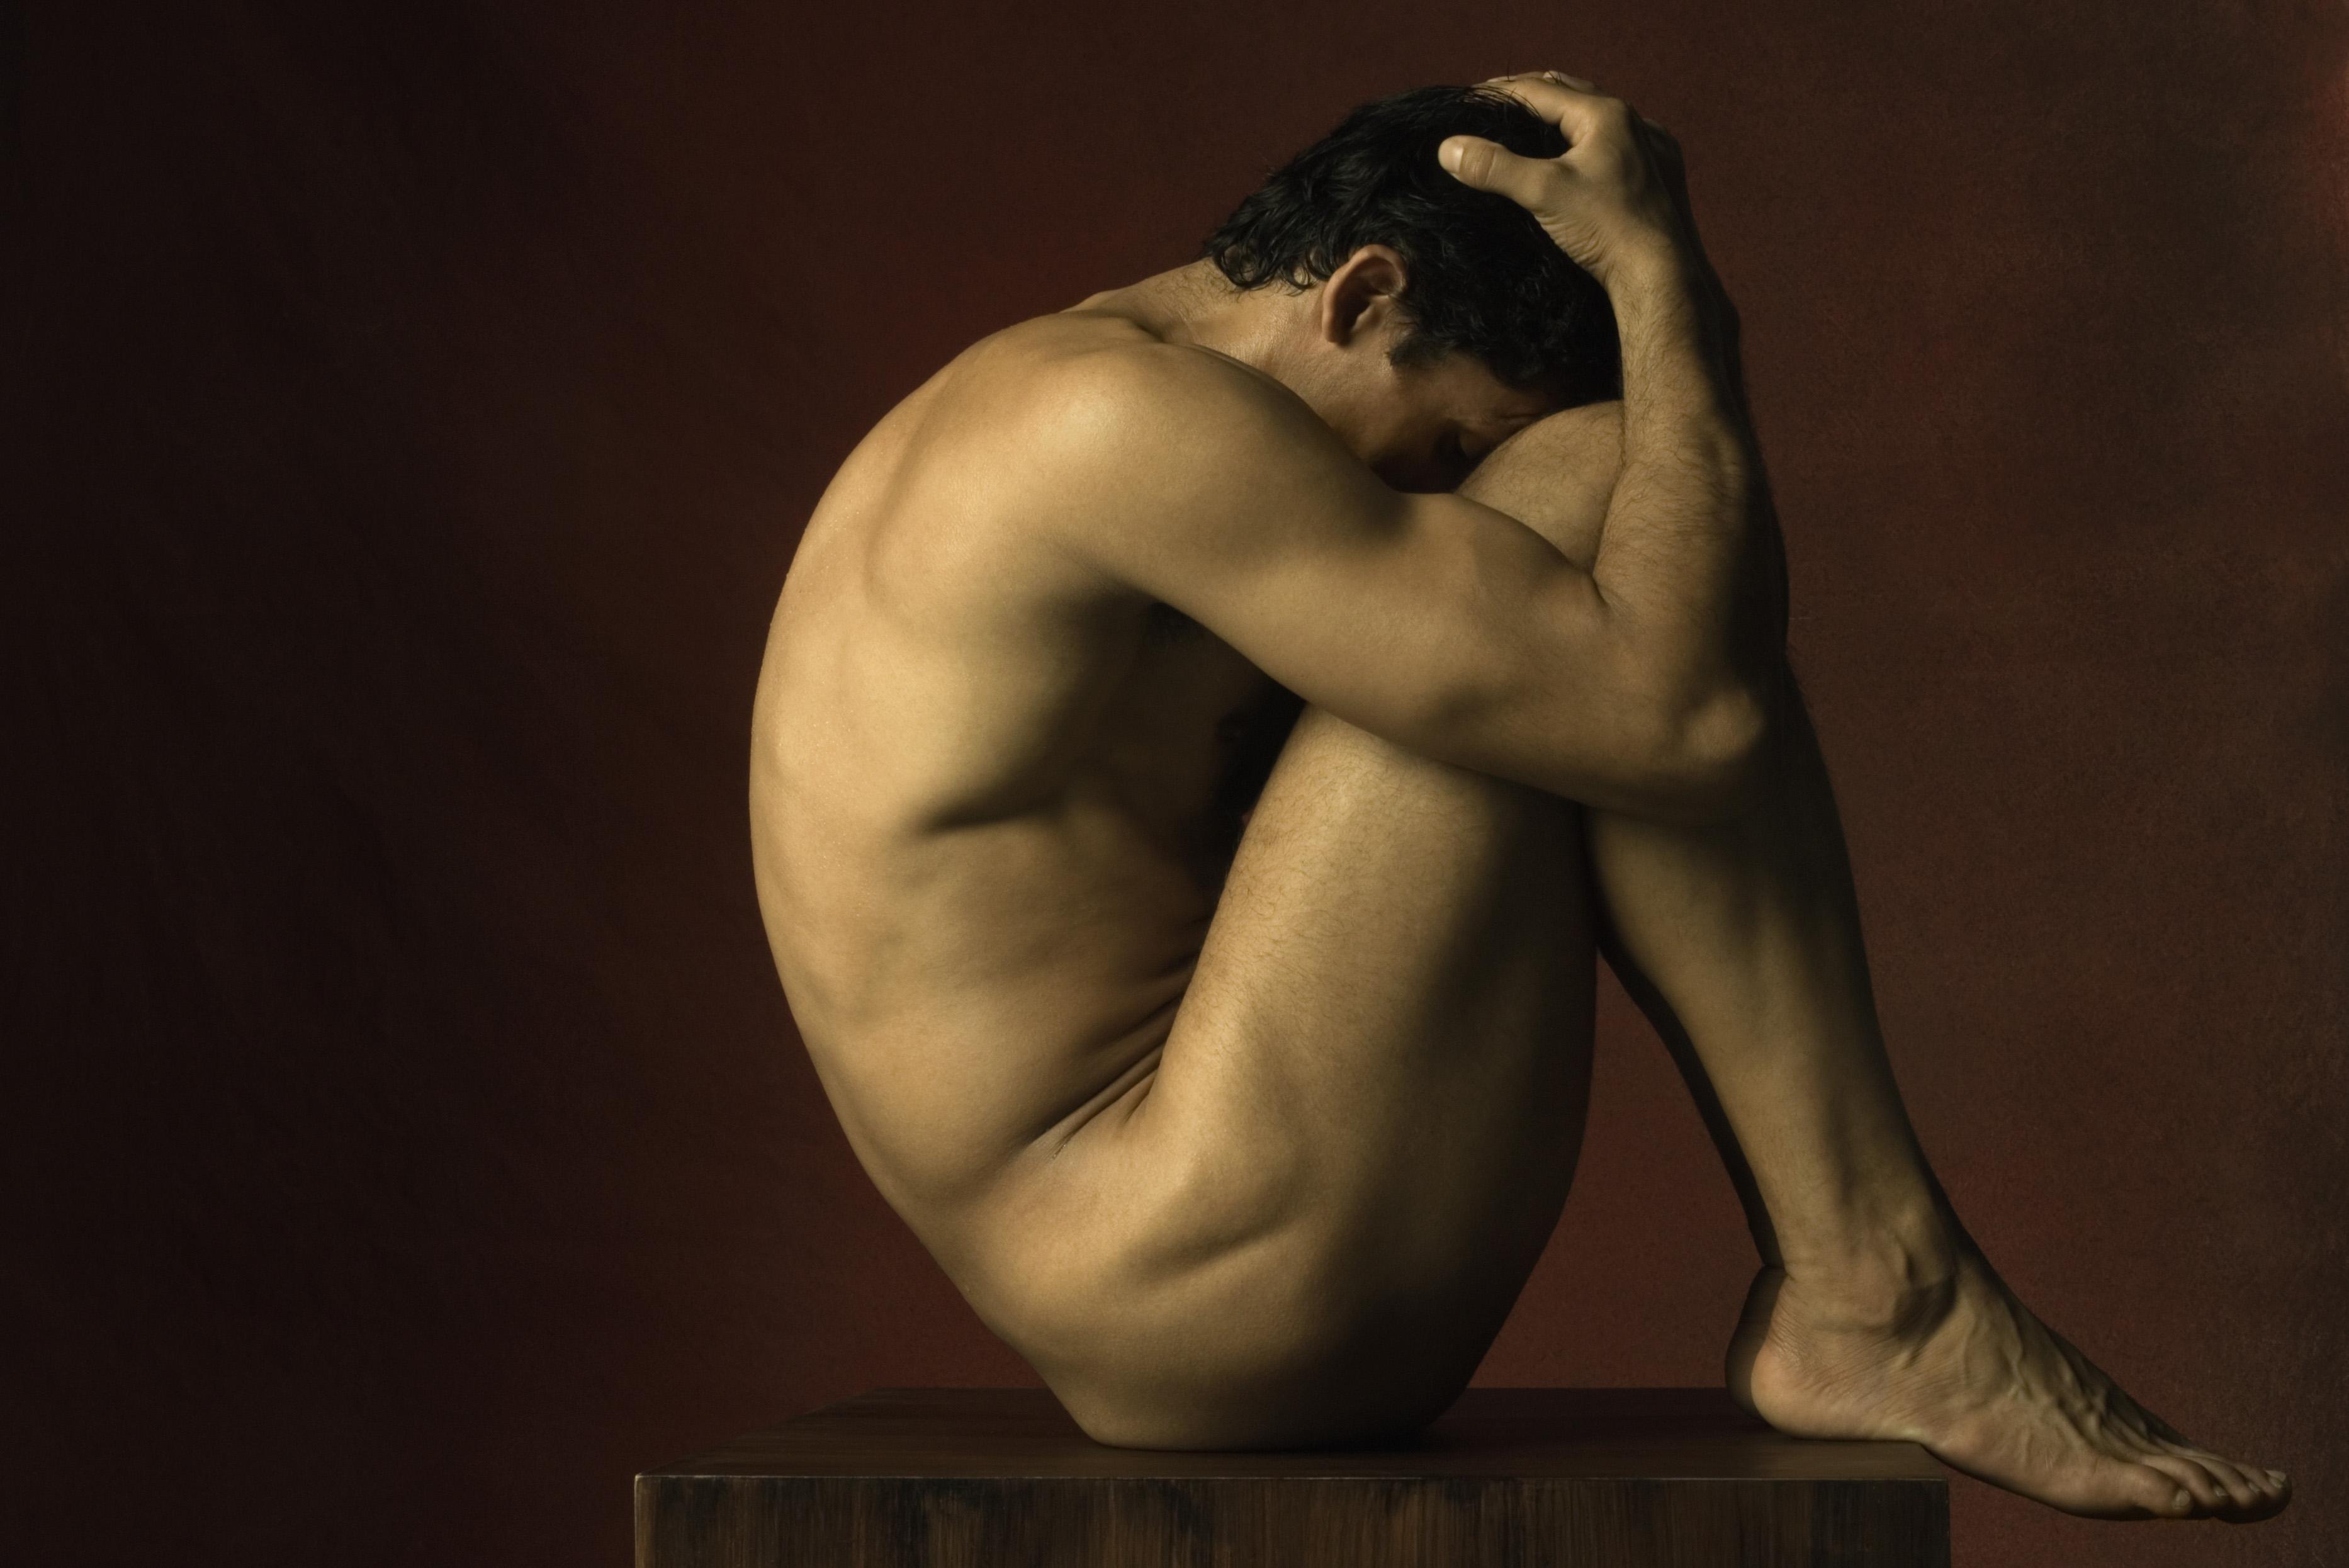 merevedés és fekvőtámaszok menopauza férfiaknál és merevedés